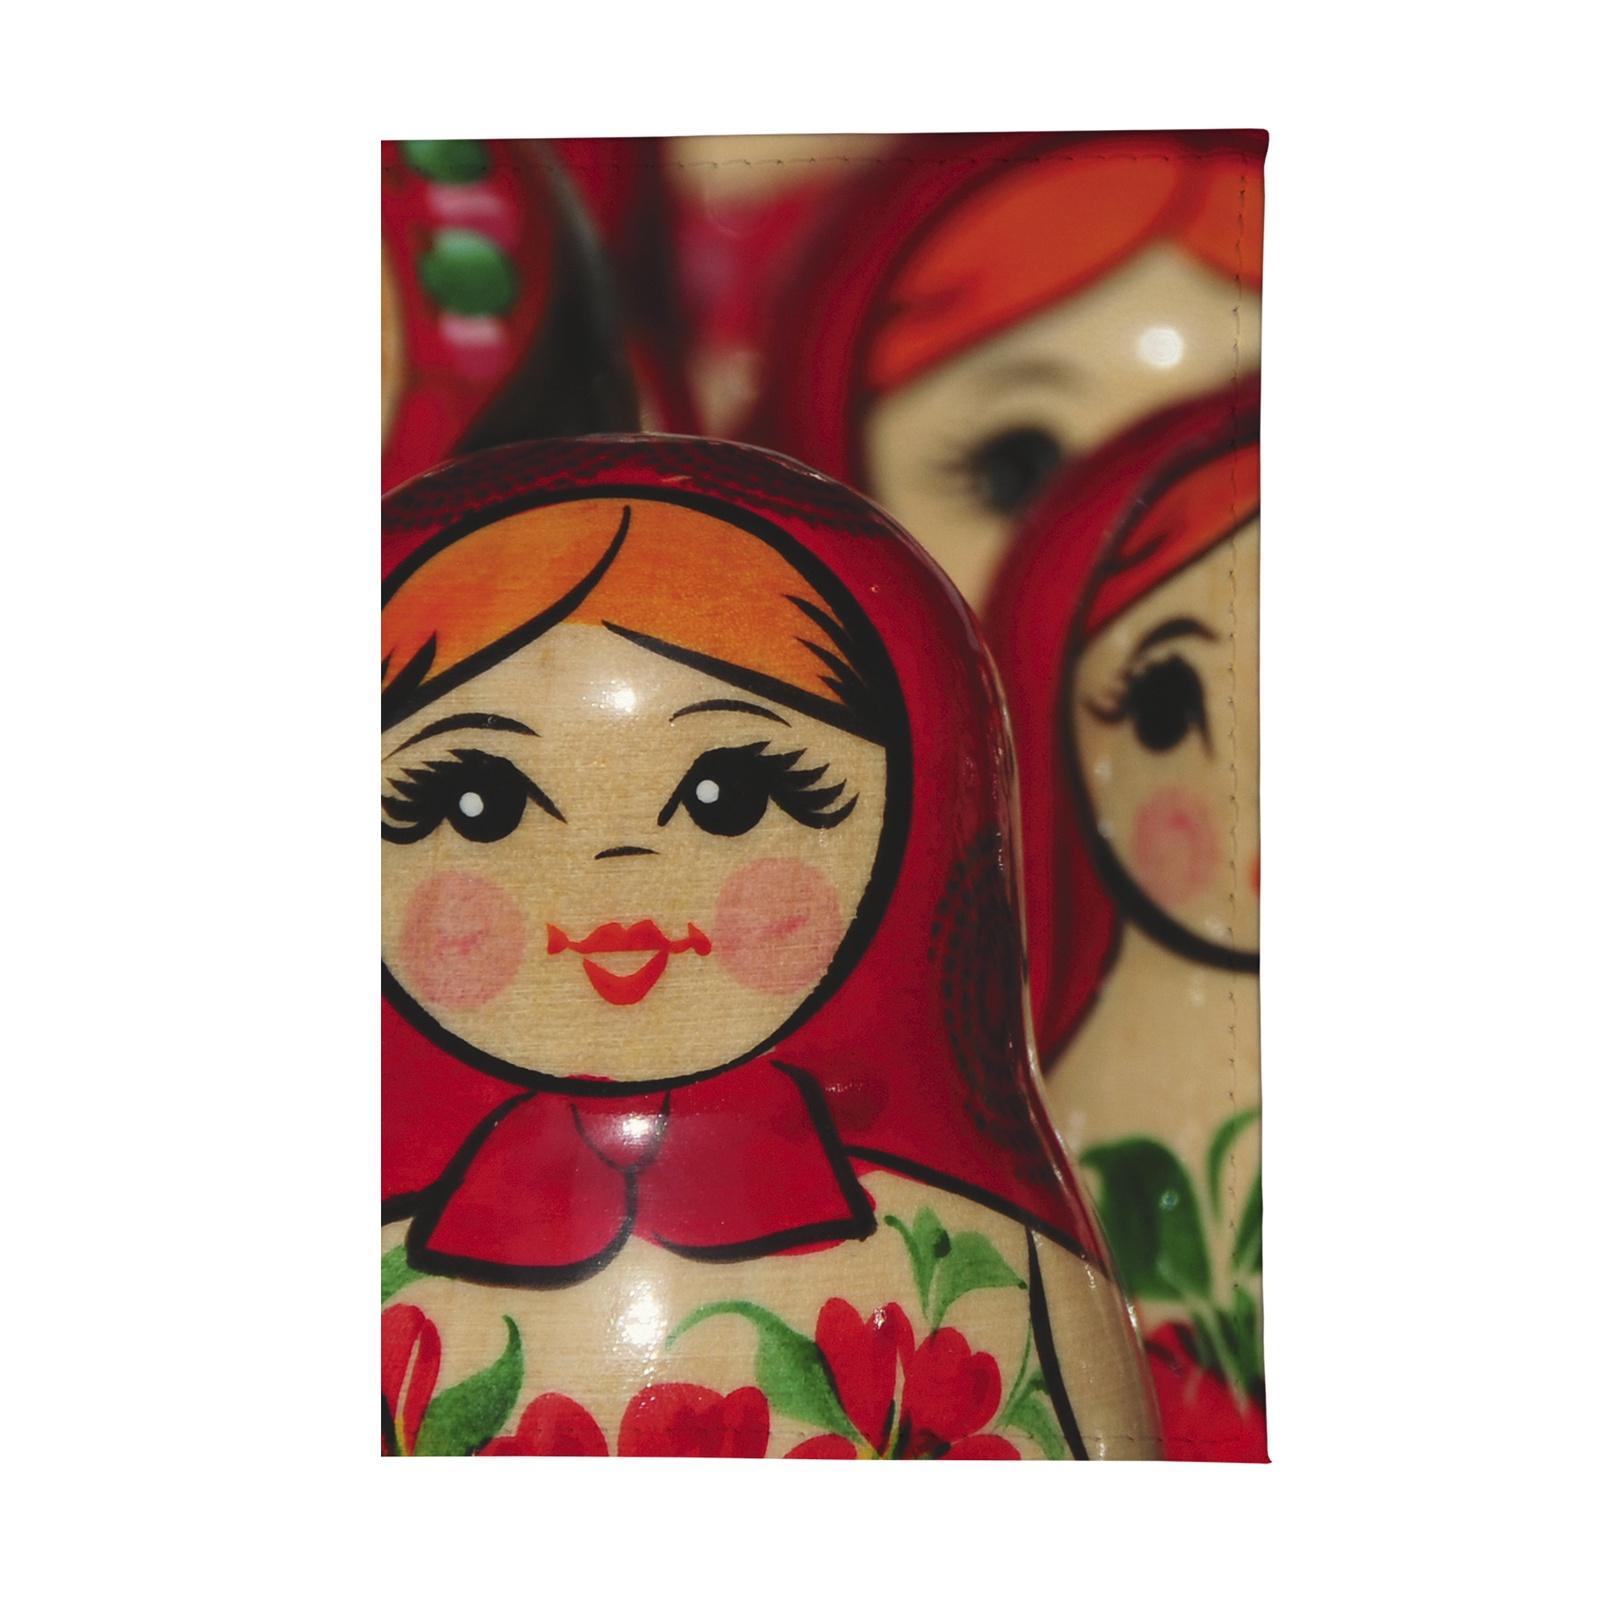 Обложка для паспорта Mitya Veselkov OZAM, красный, зеленый, коричневый очки солнцезащитные женские mitya veselkov цвет коричневый os 18 037